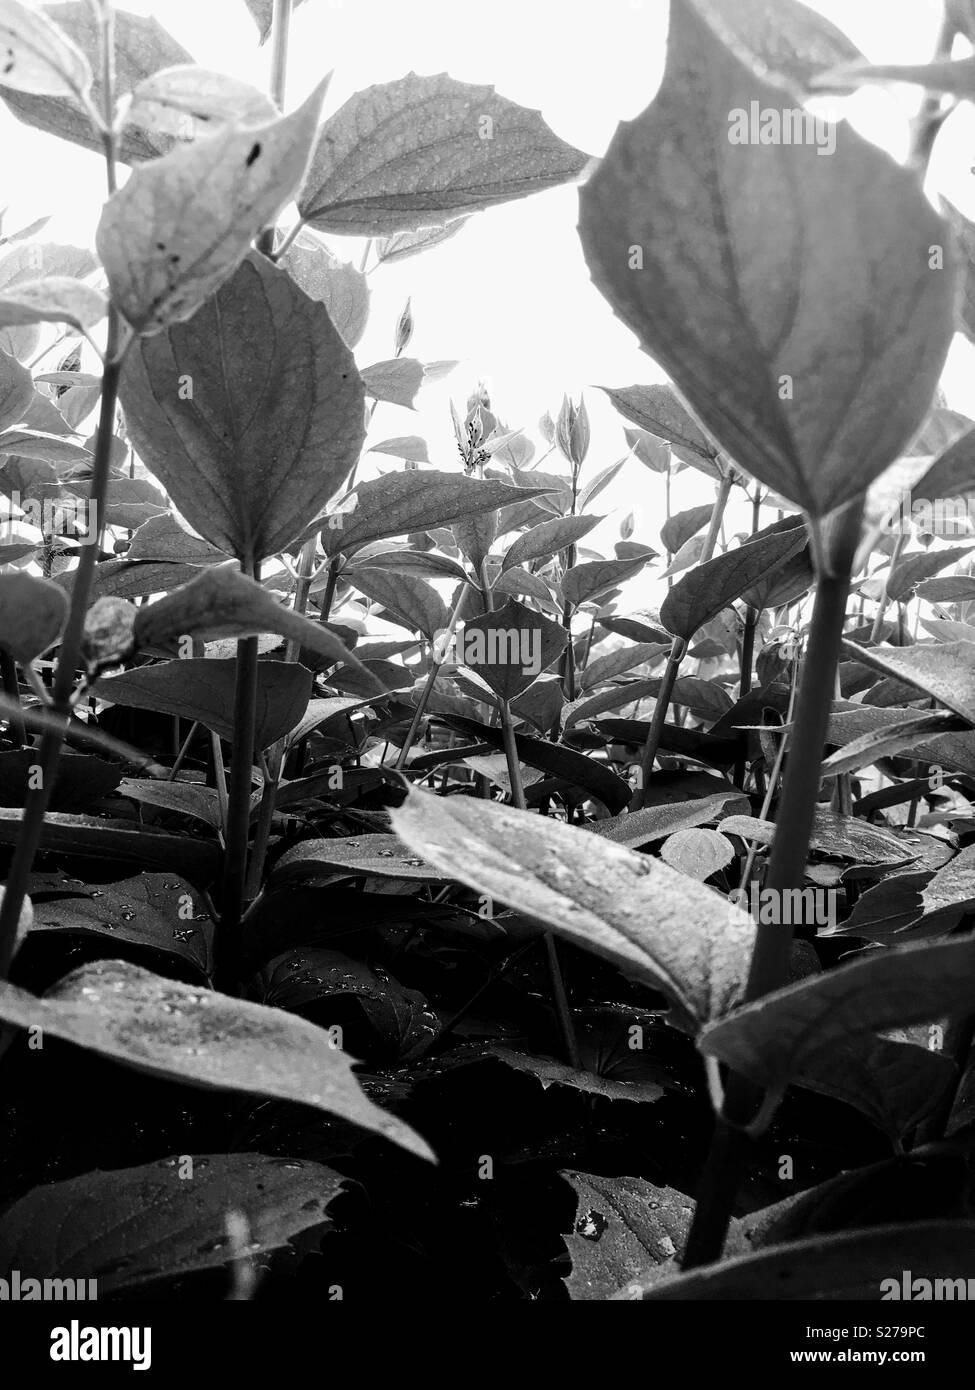 Plants in Black & White - Stock Image